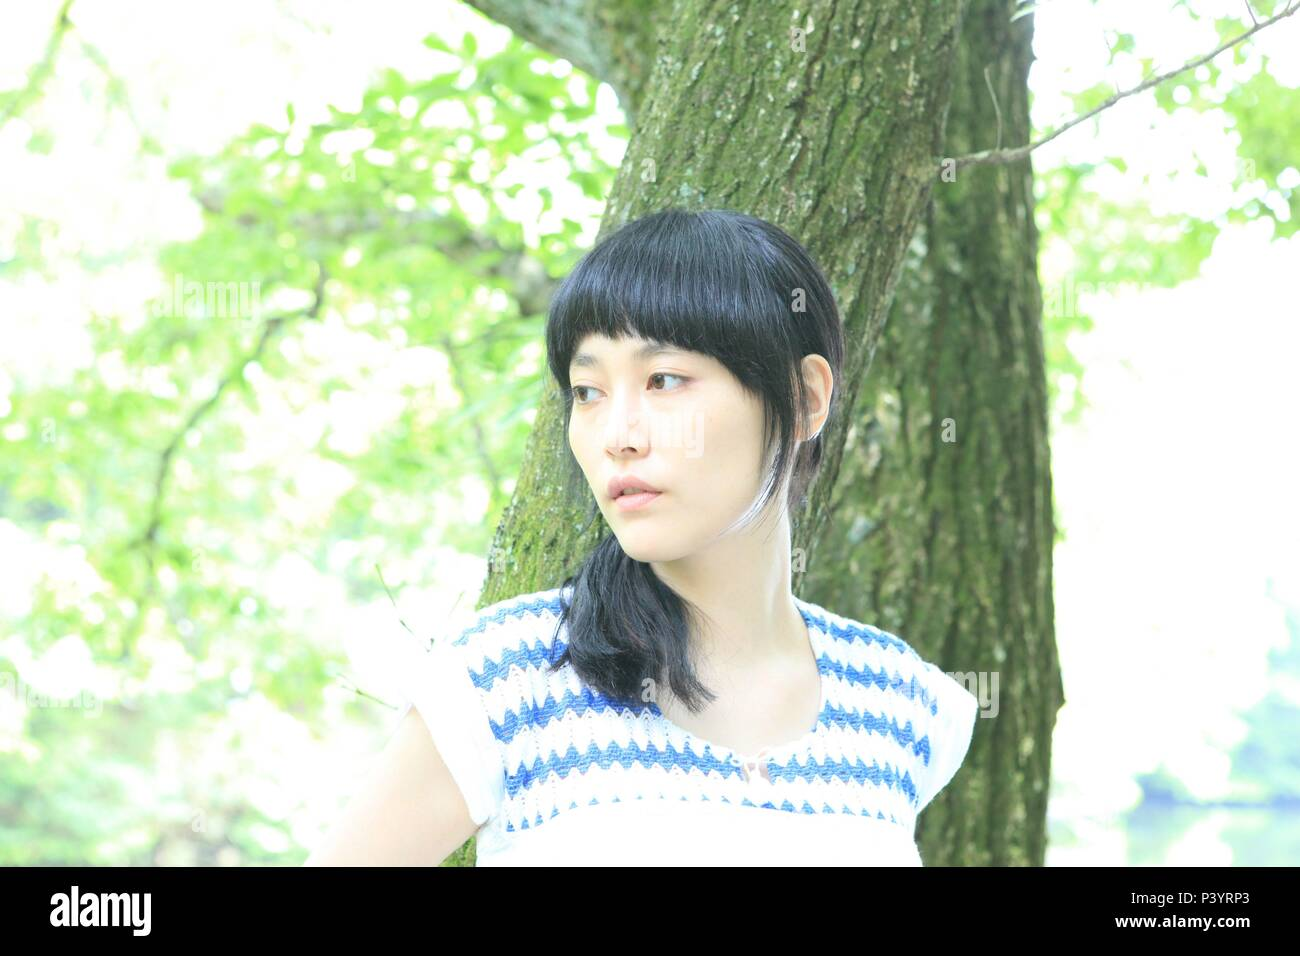 Original Film Title: NORUWEI NO MORI  English Title